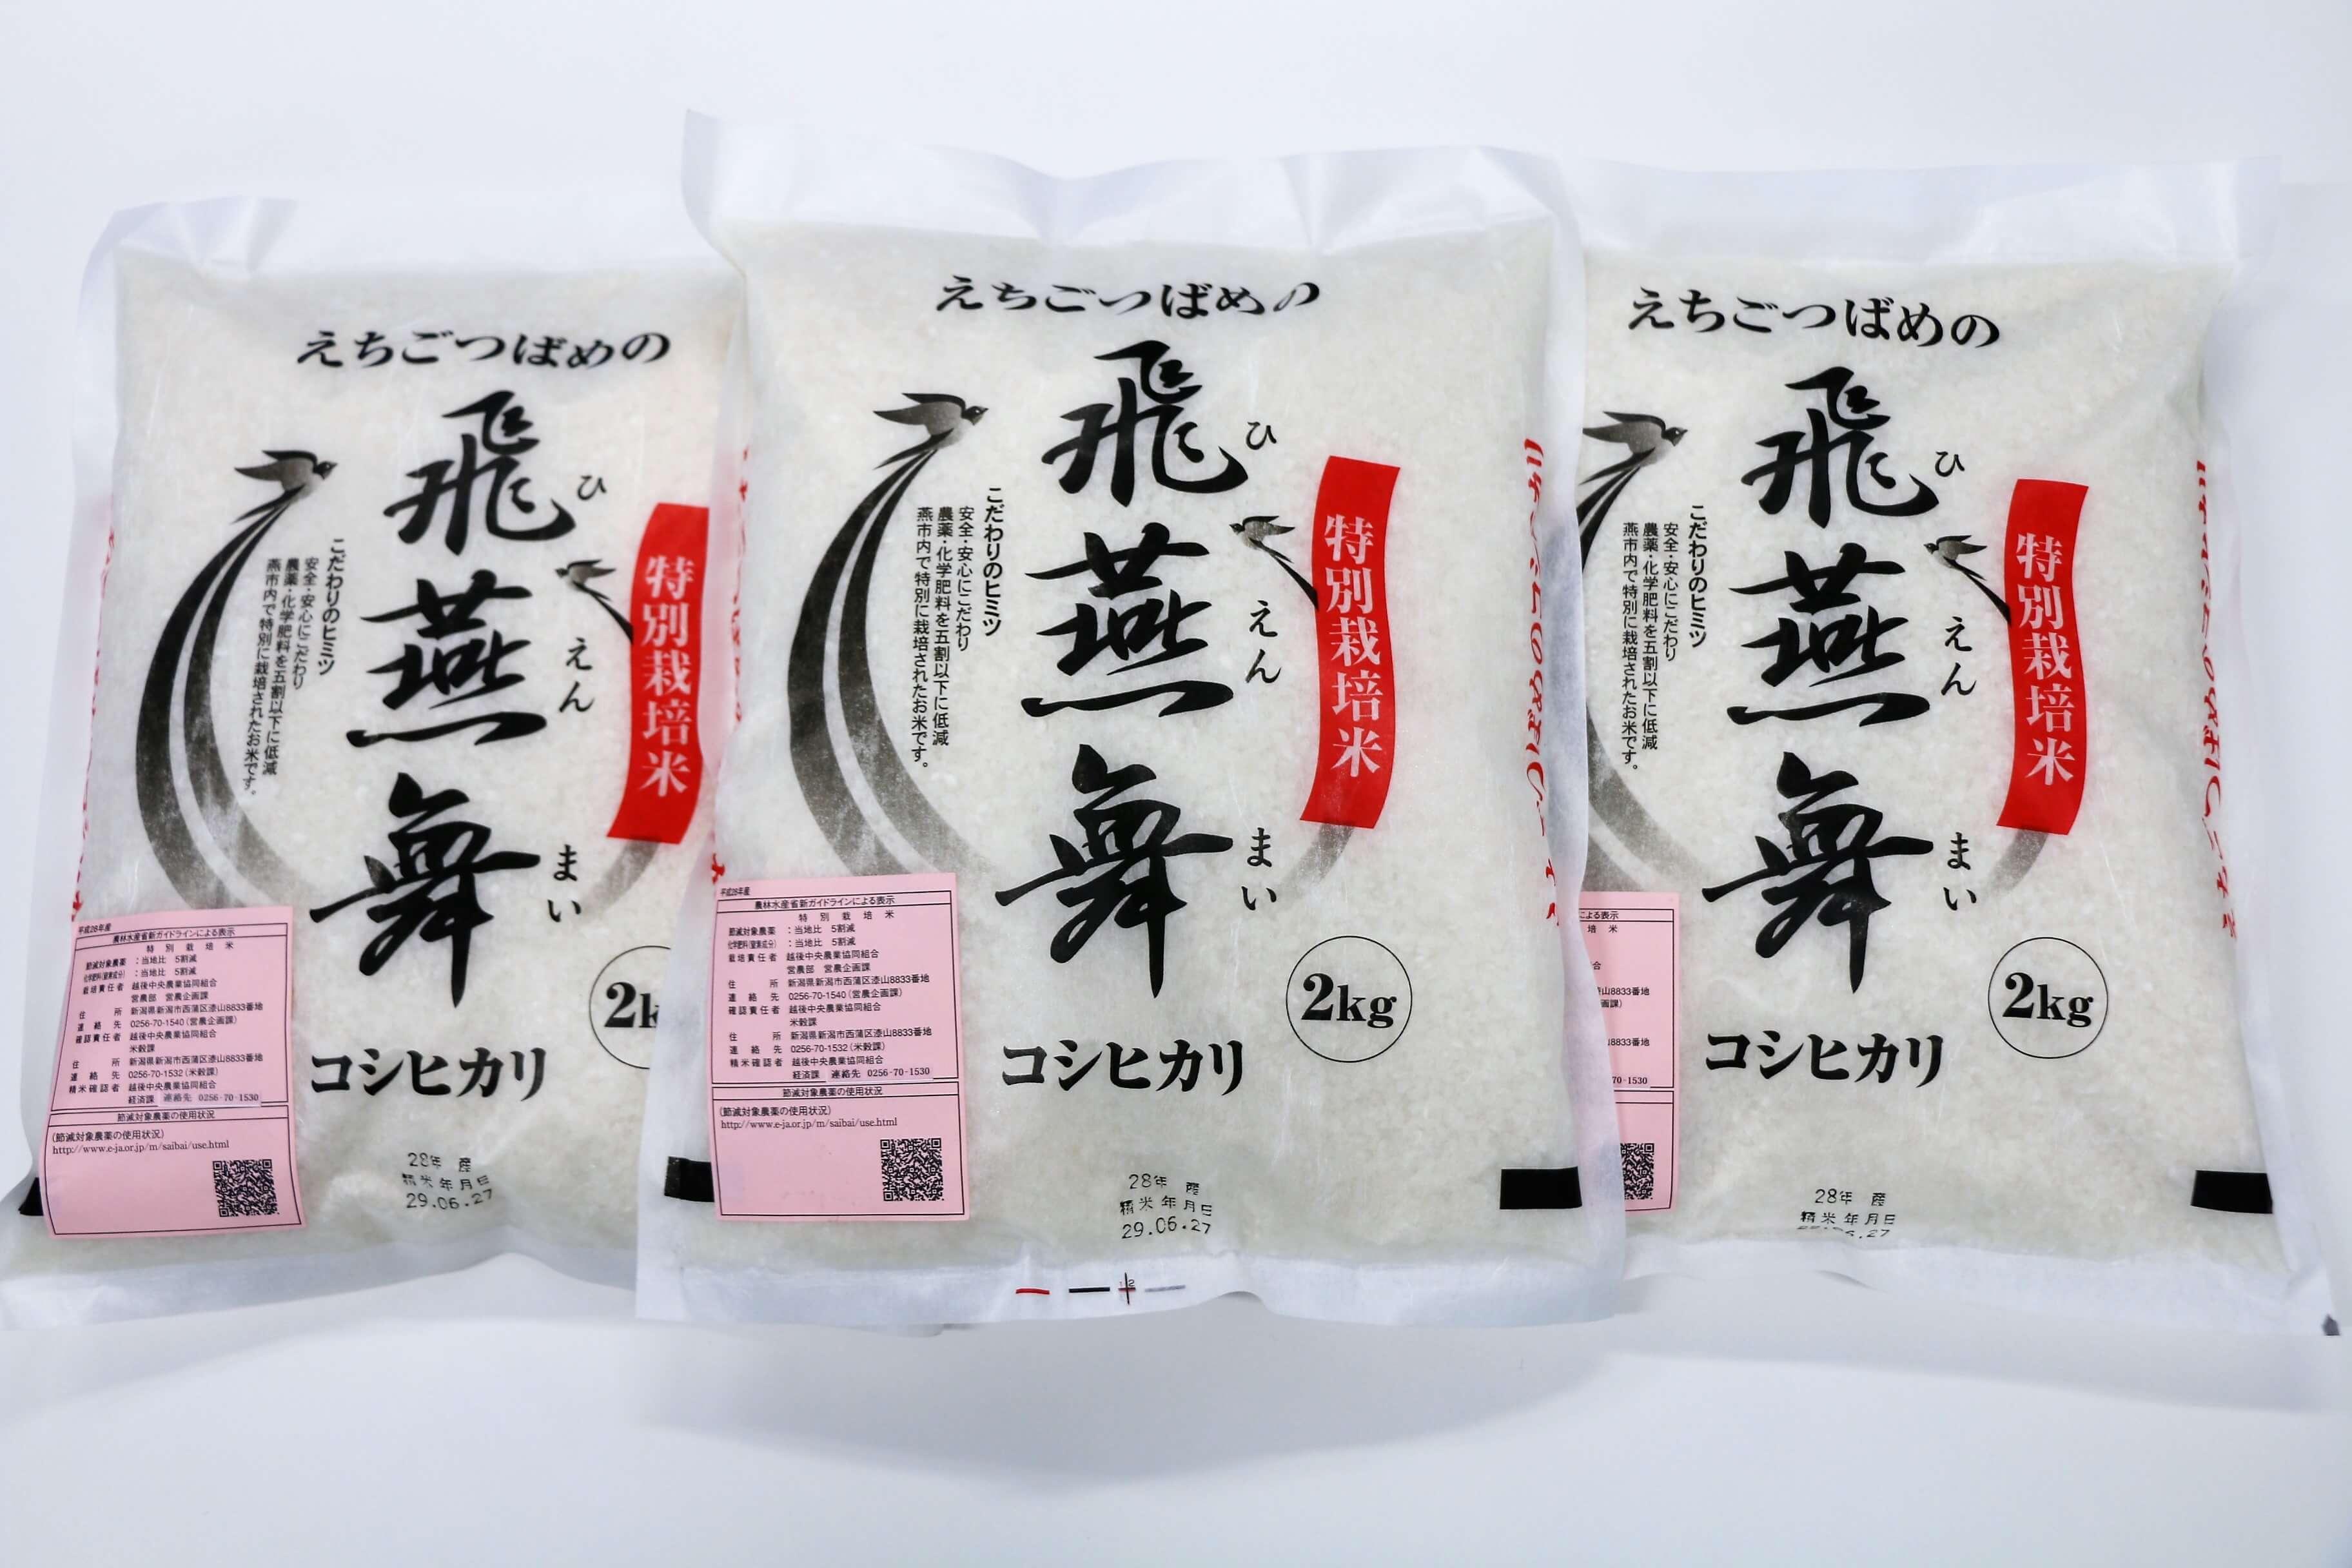 令和元年産 厳選コシヒカリ(一等米)えちごつばめの飛燕舞 白米8kg